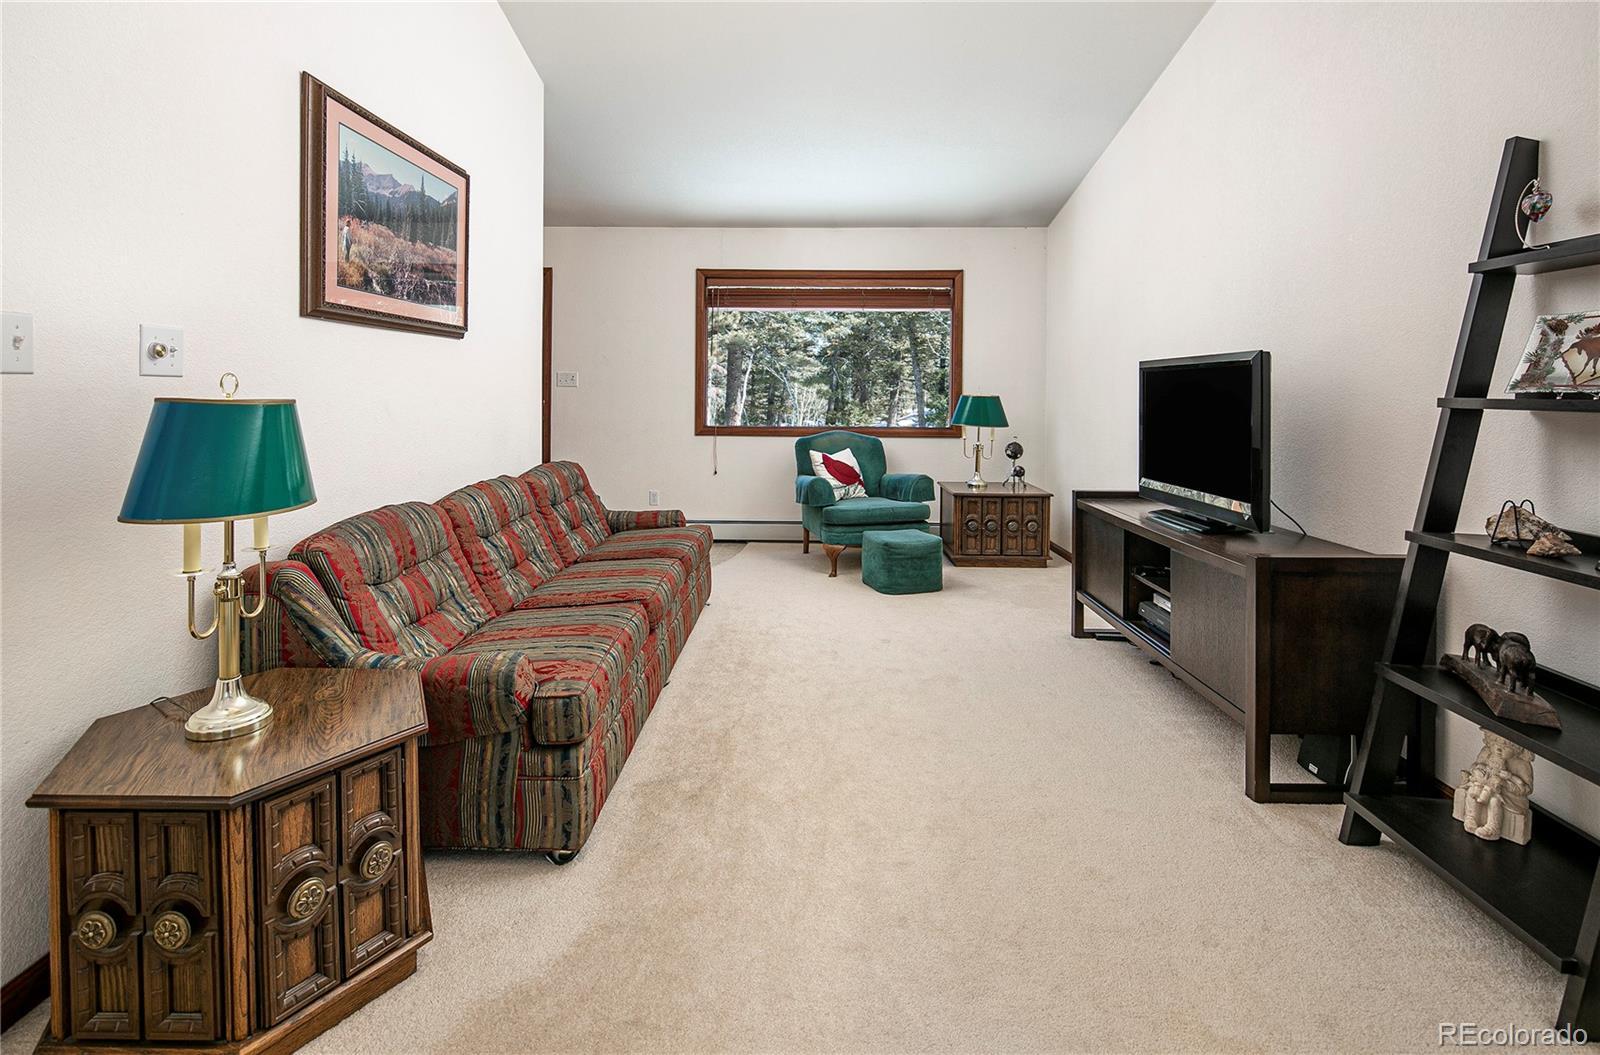 MLS# 3744542 - 13 - 13281 Callae Drive, Conifer, CO 80433